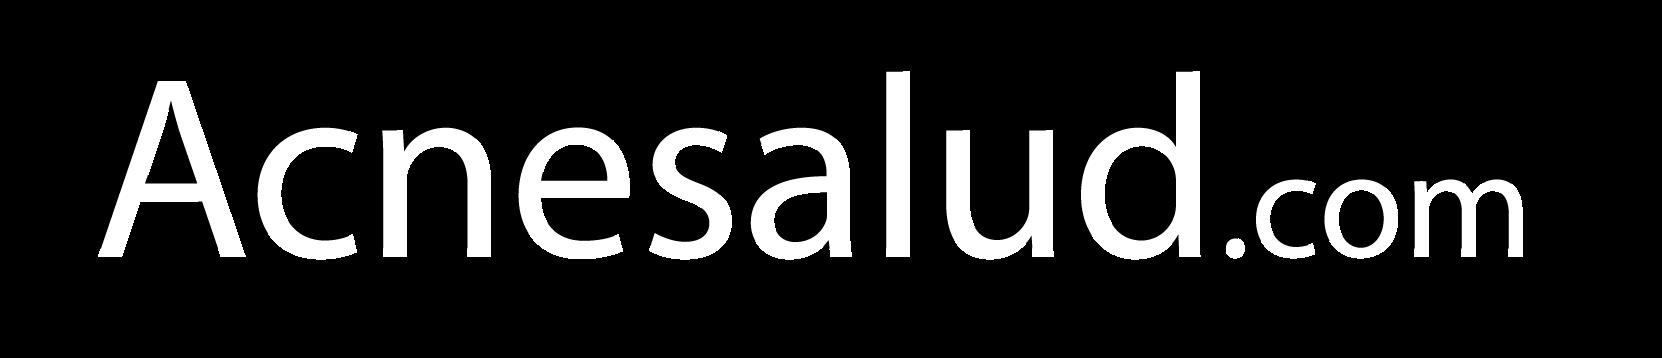 Acnesalud.com